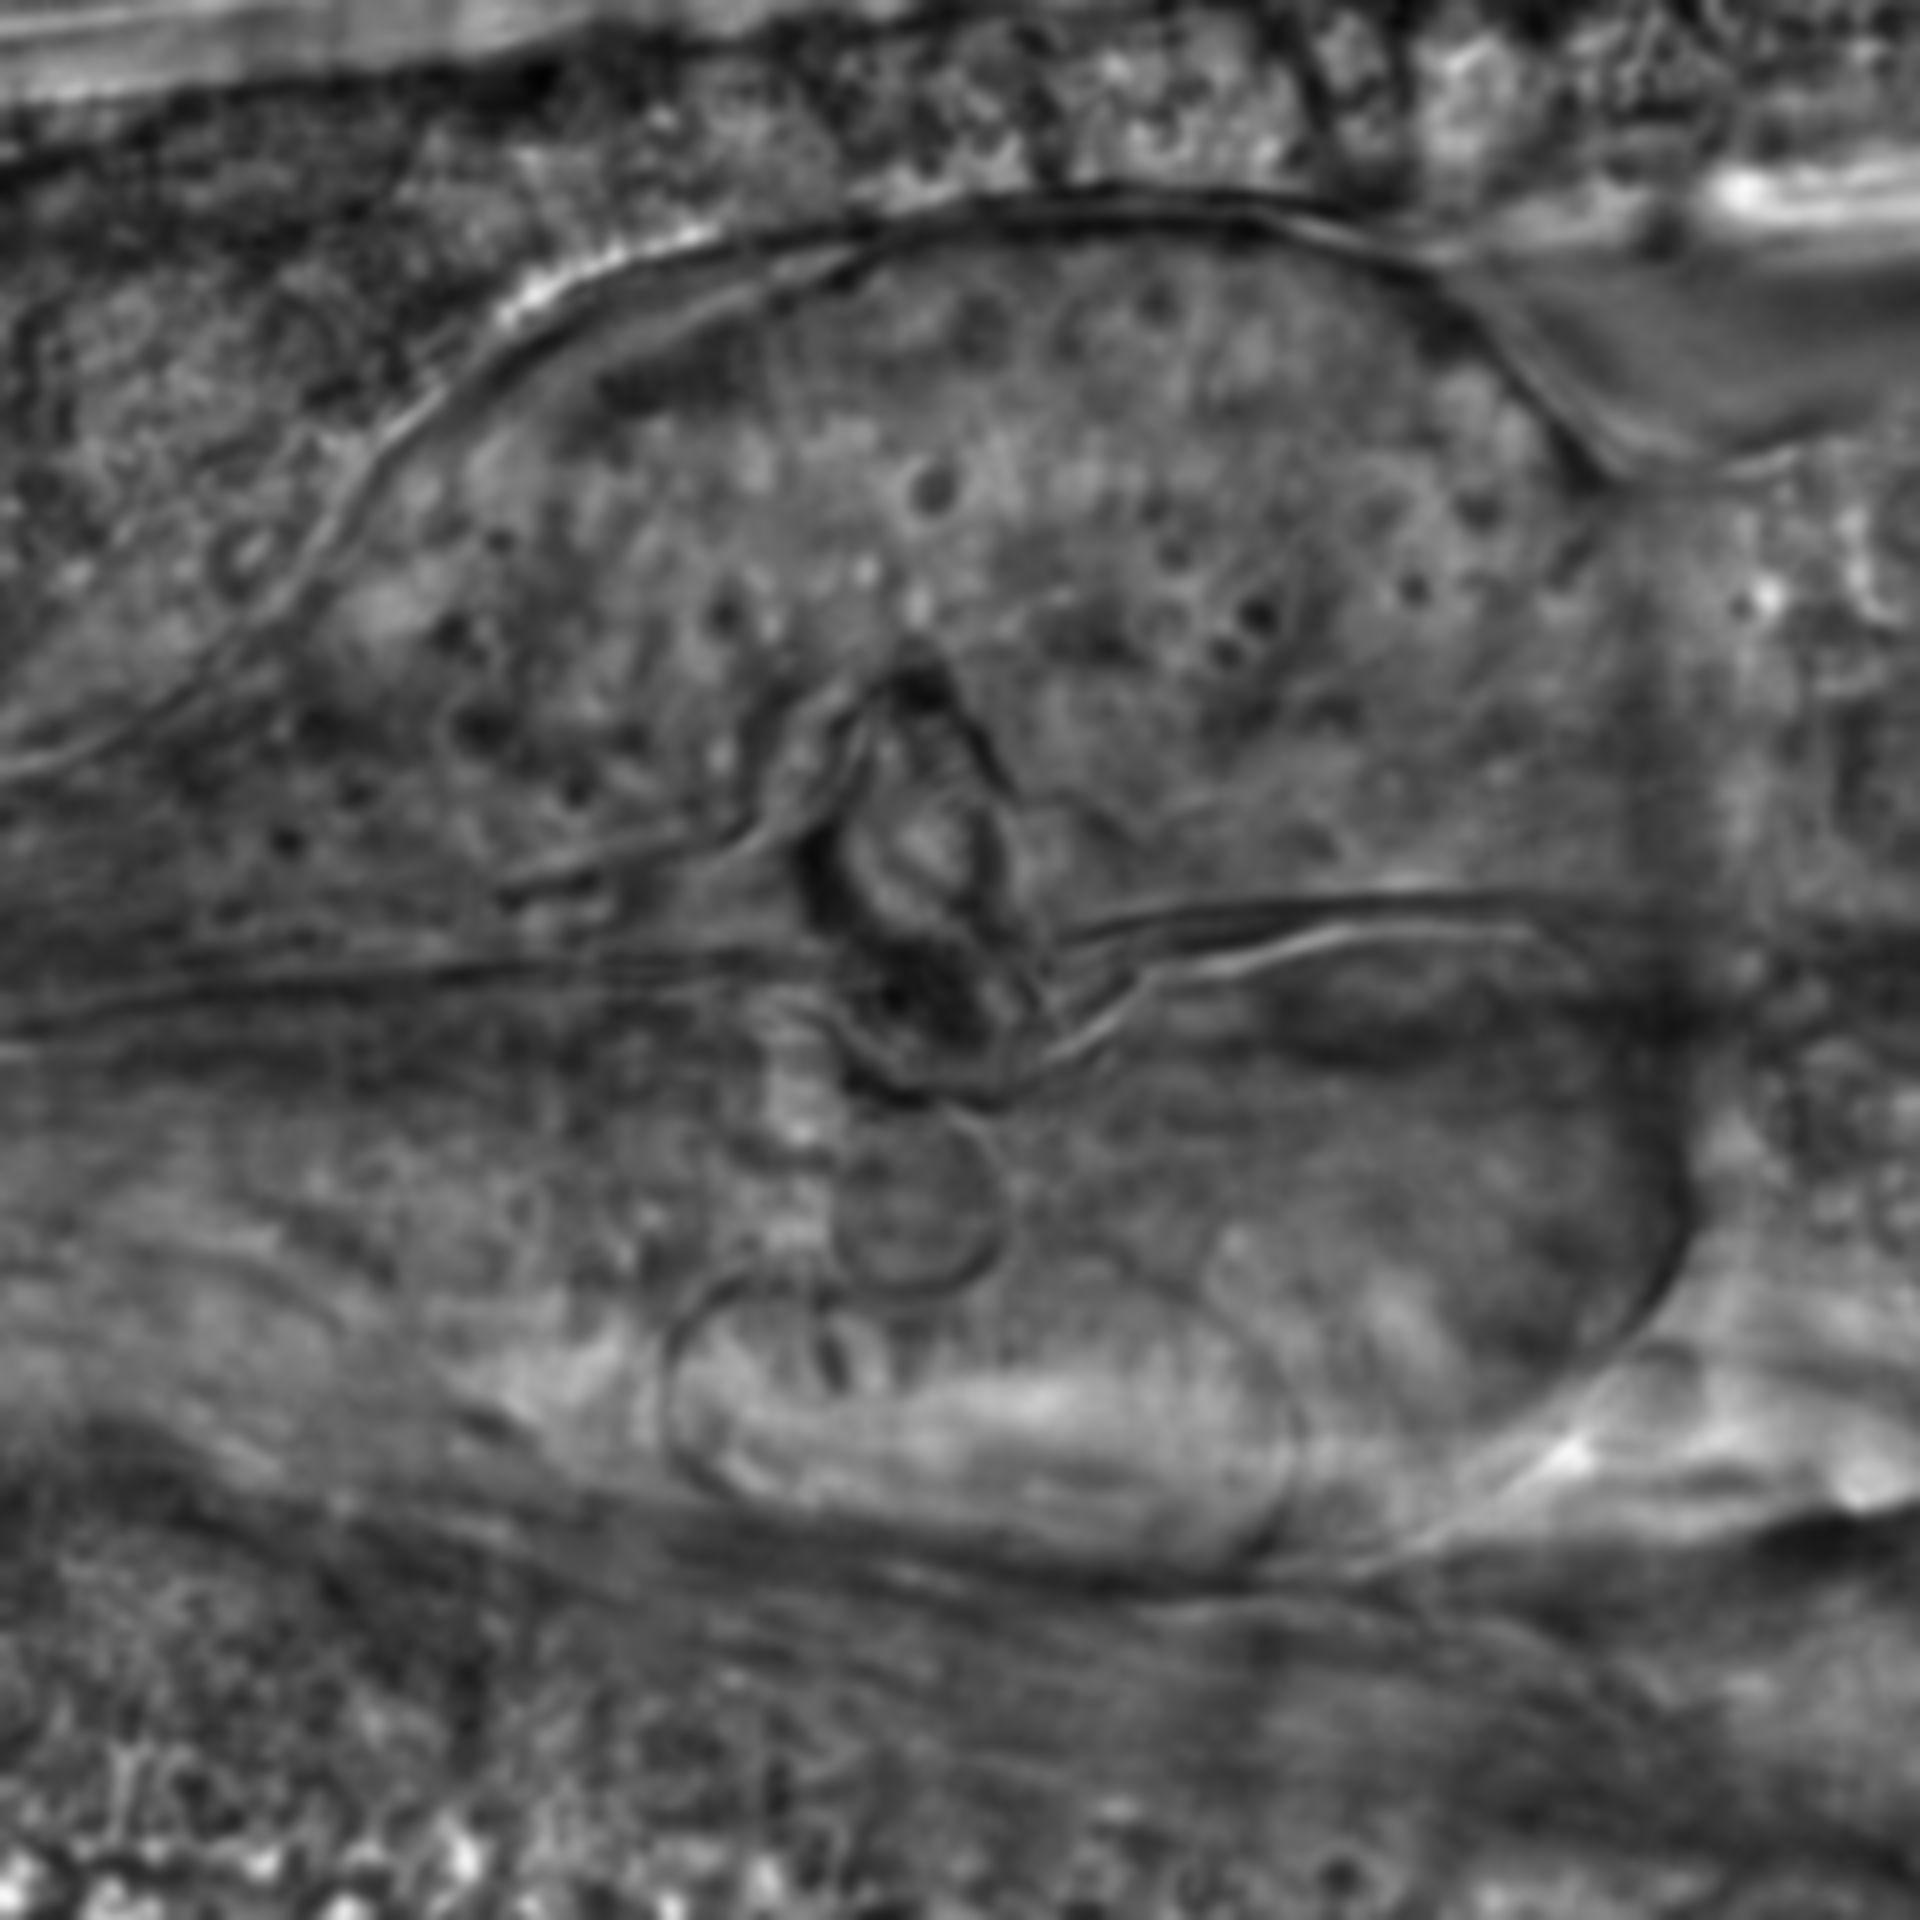 Caenorhabditis elegans - CIL:2845